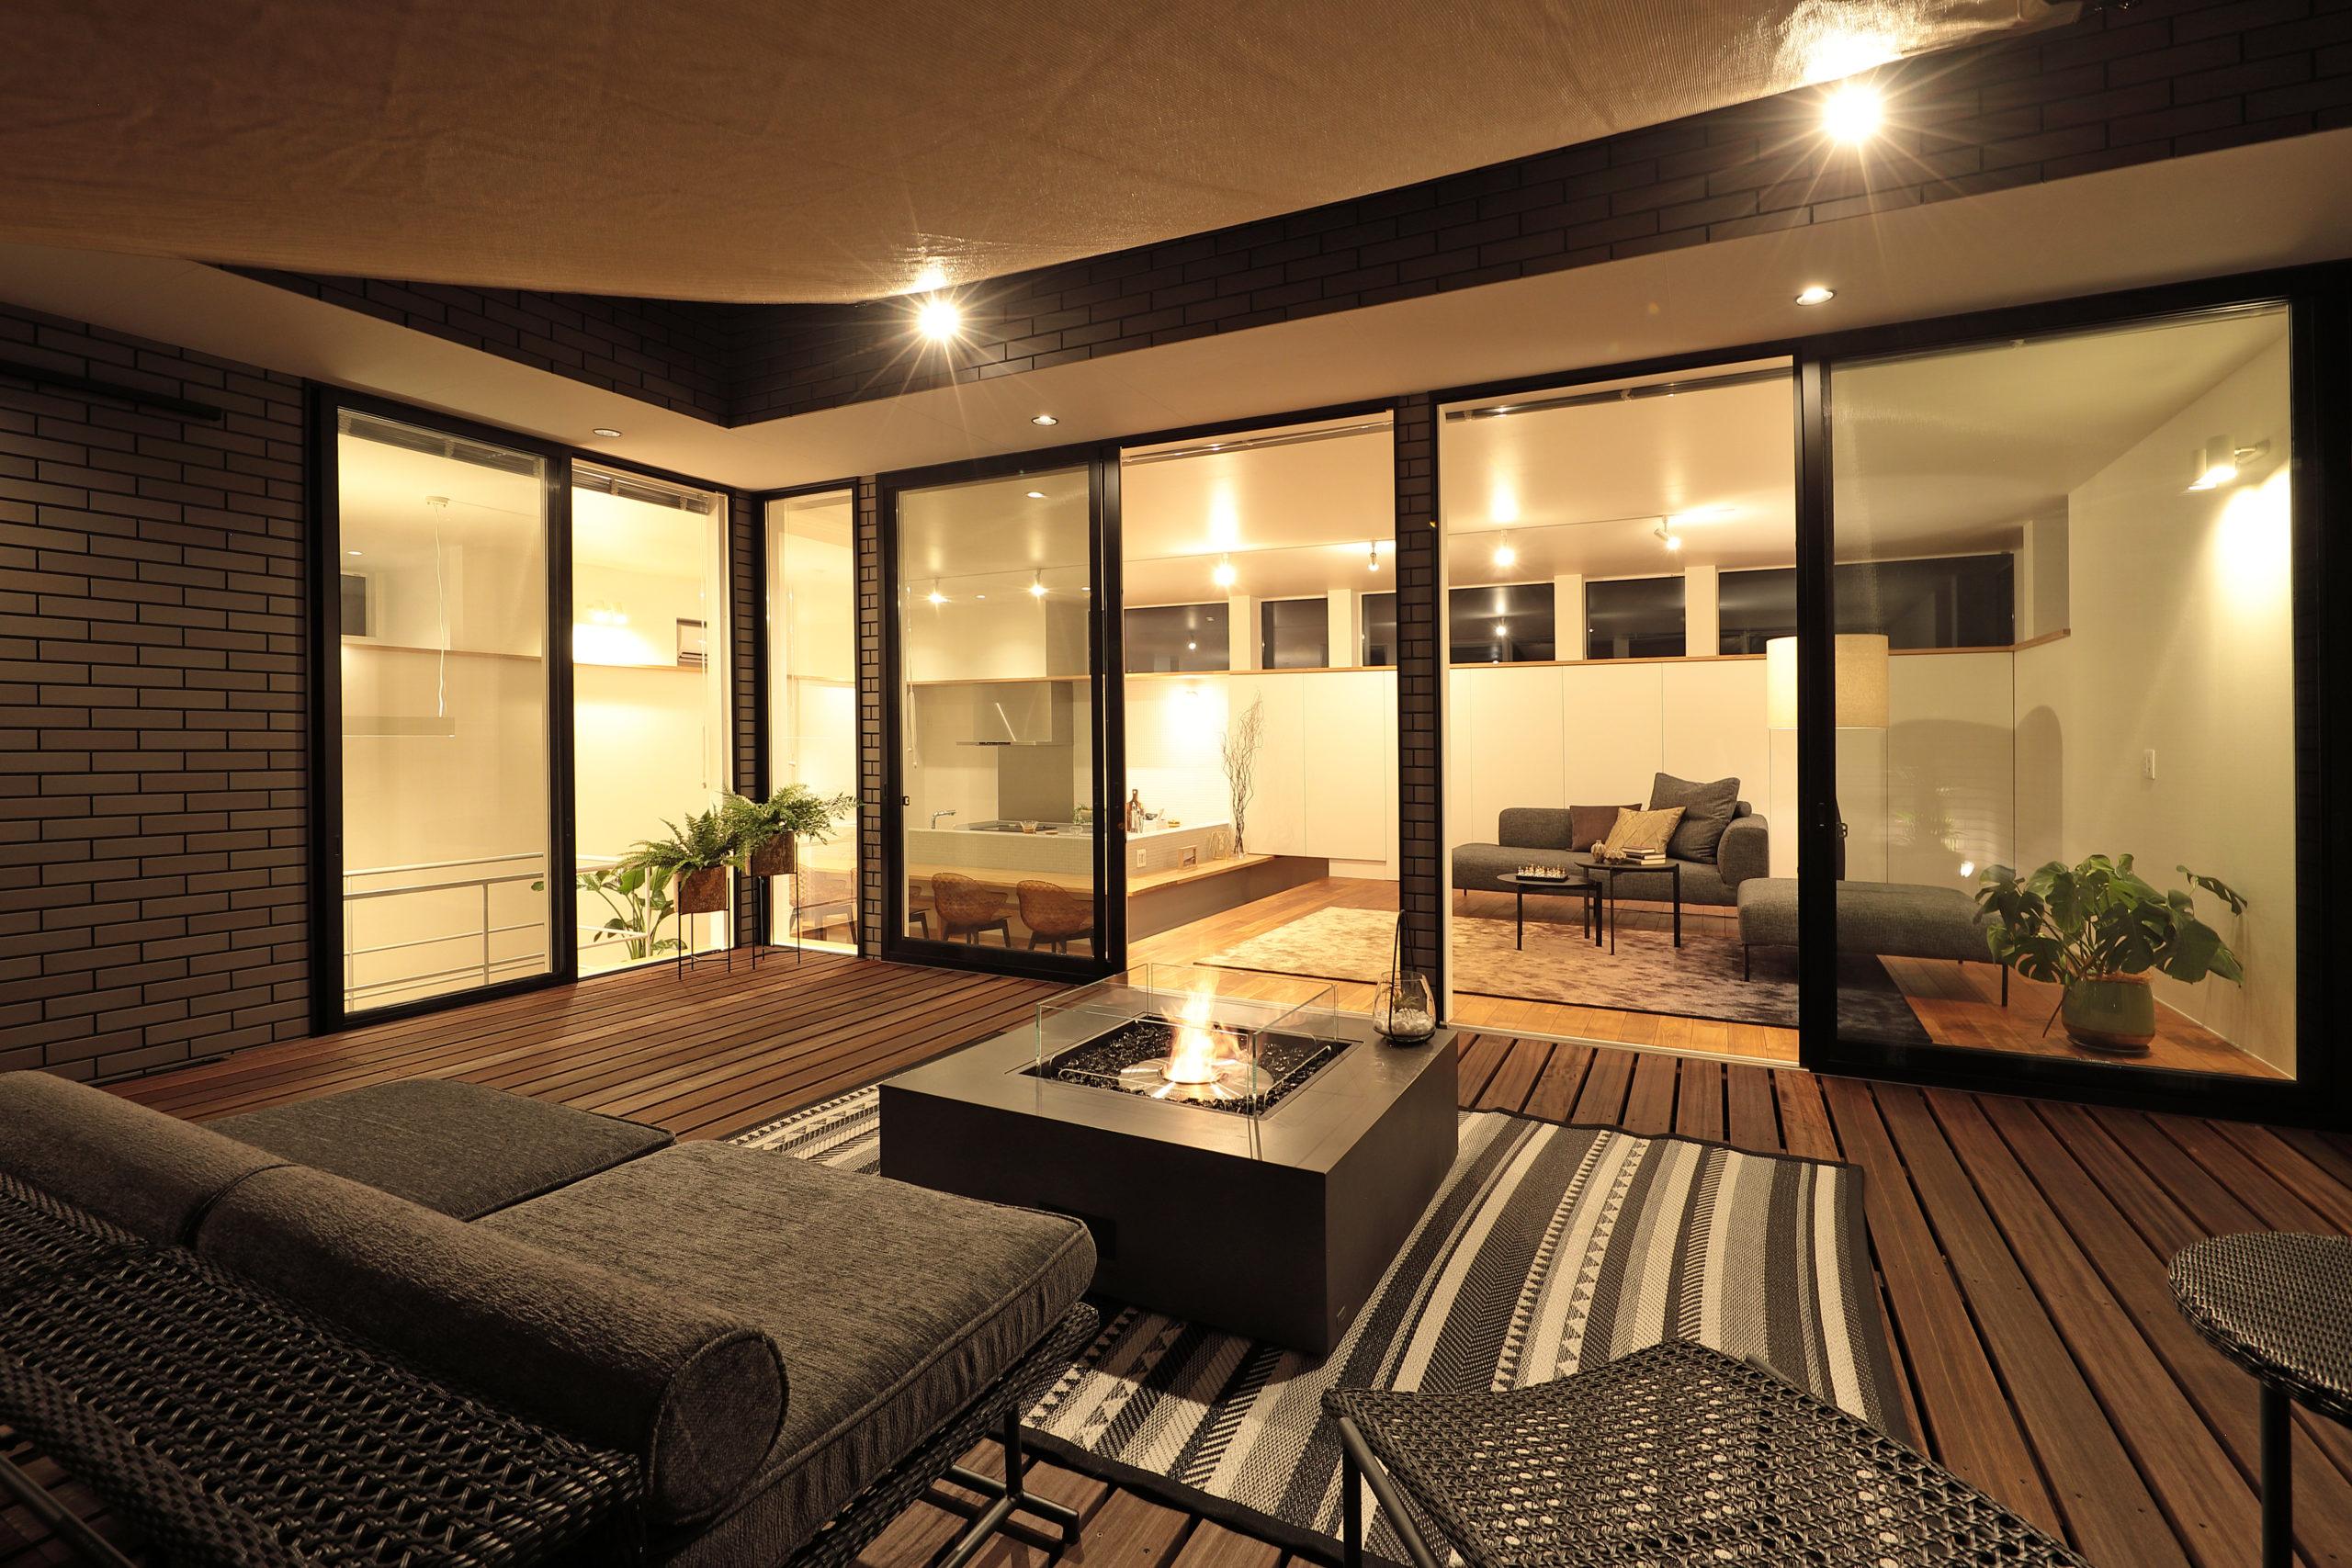 「中庭って、楽しい。」をコンセプトに、開放的で贅沢な暮らしを実現